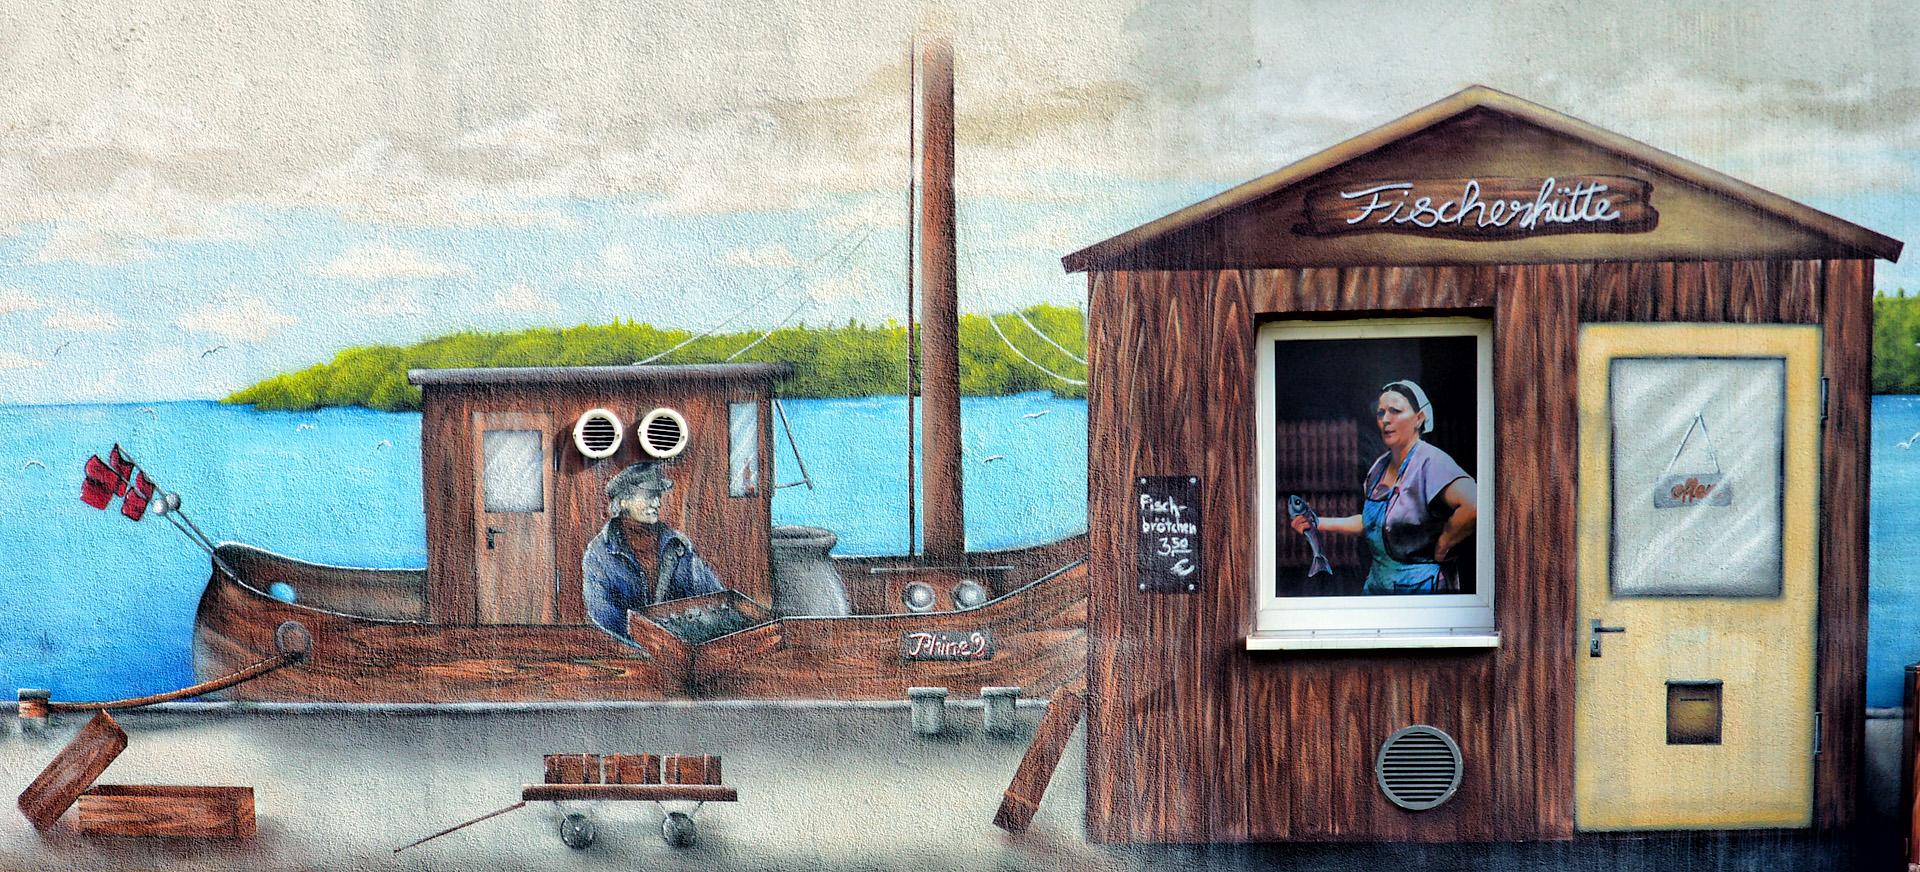 Fischerhütte, Fischbrötchen - Graffiti in Greifswald